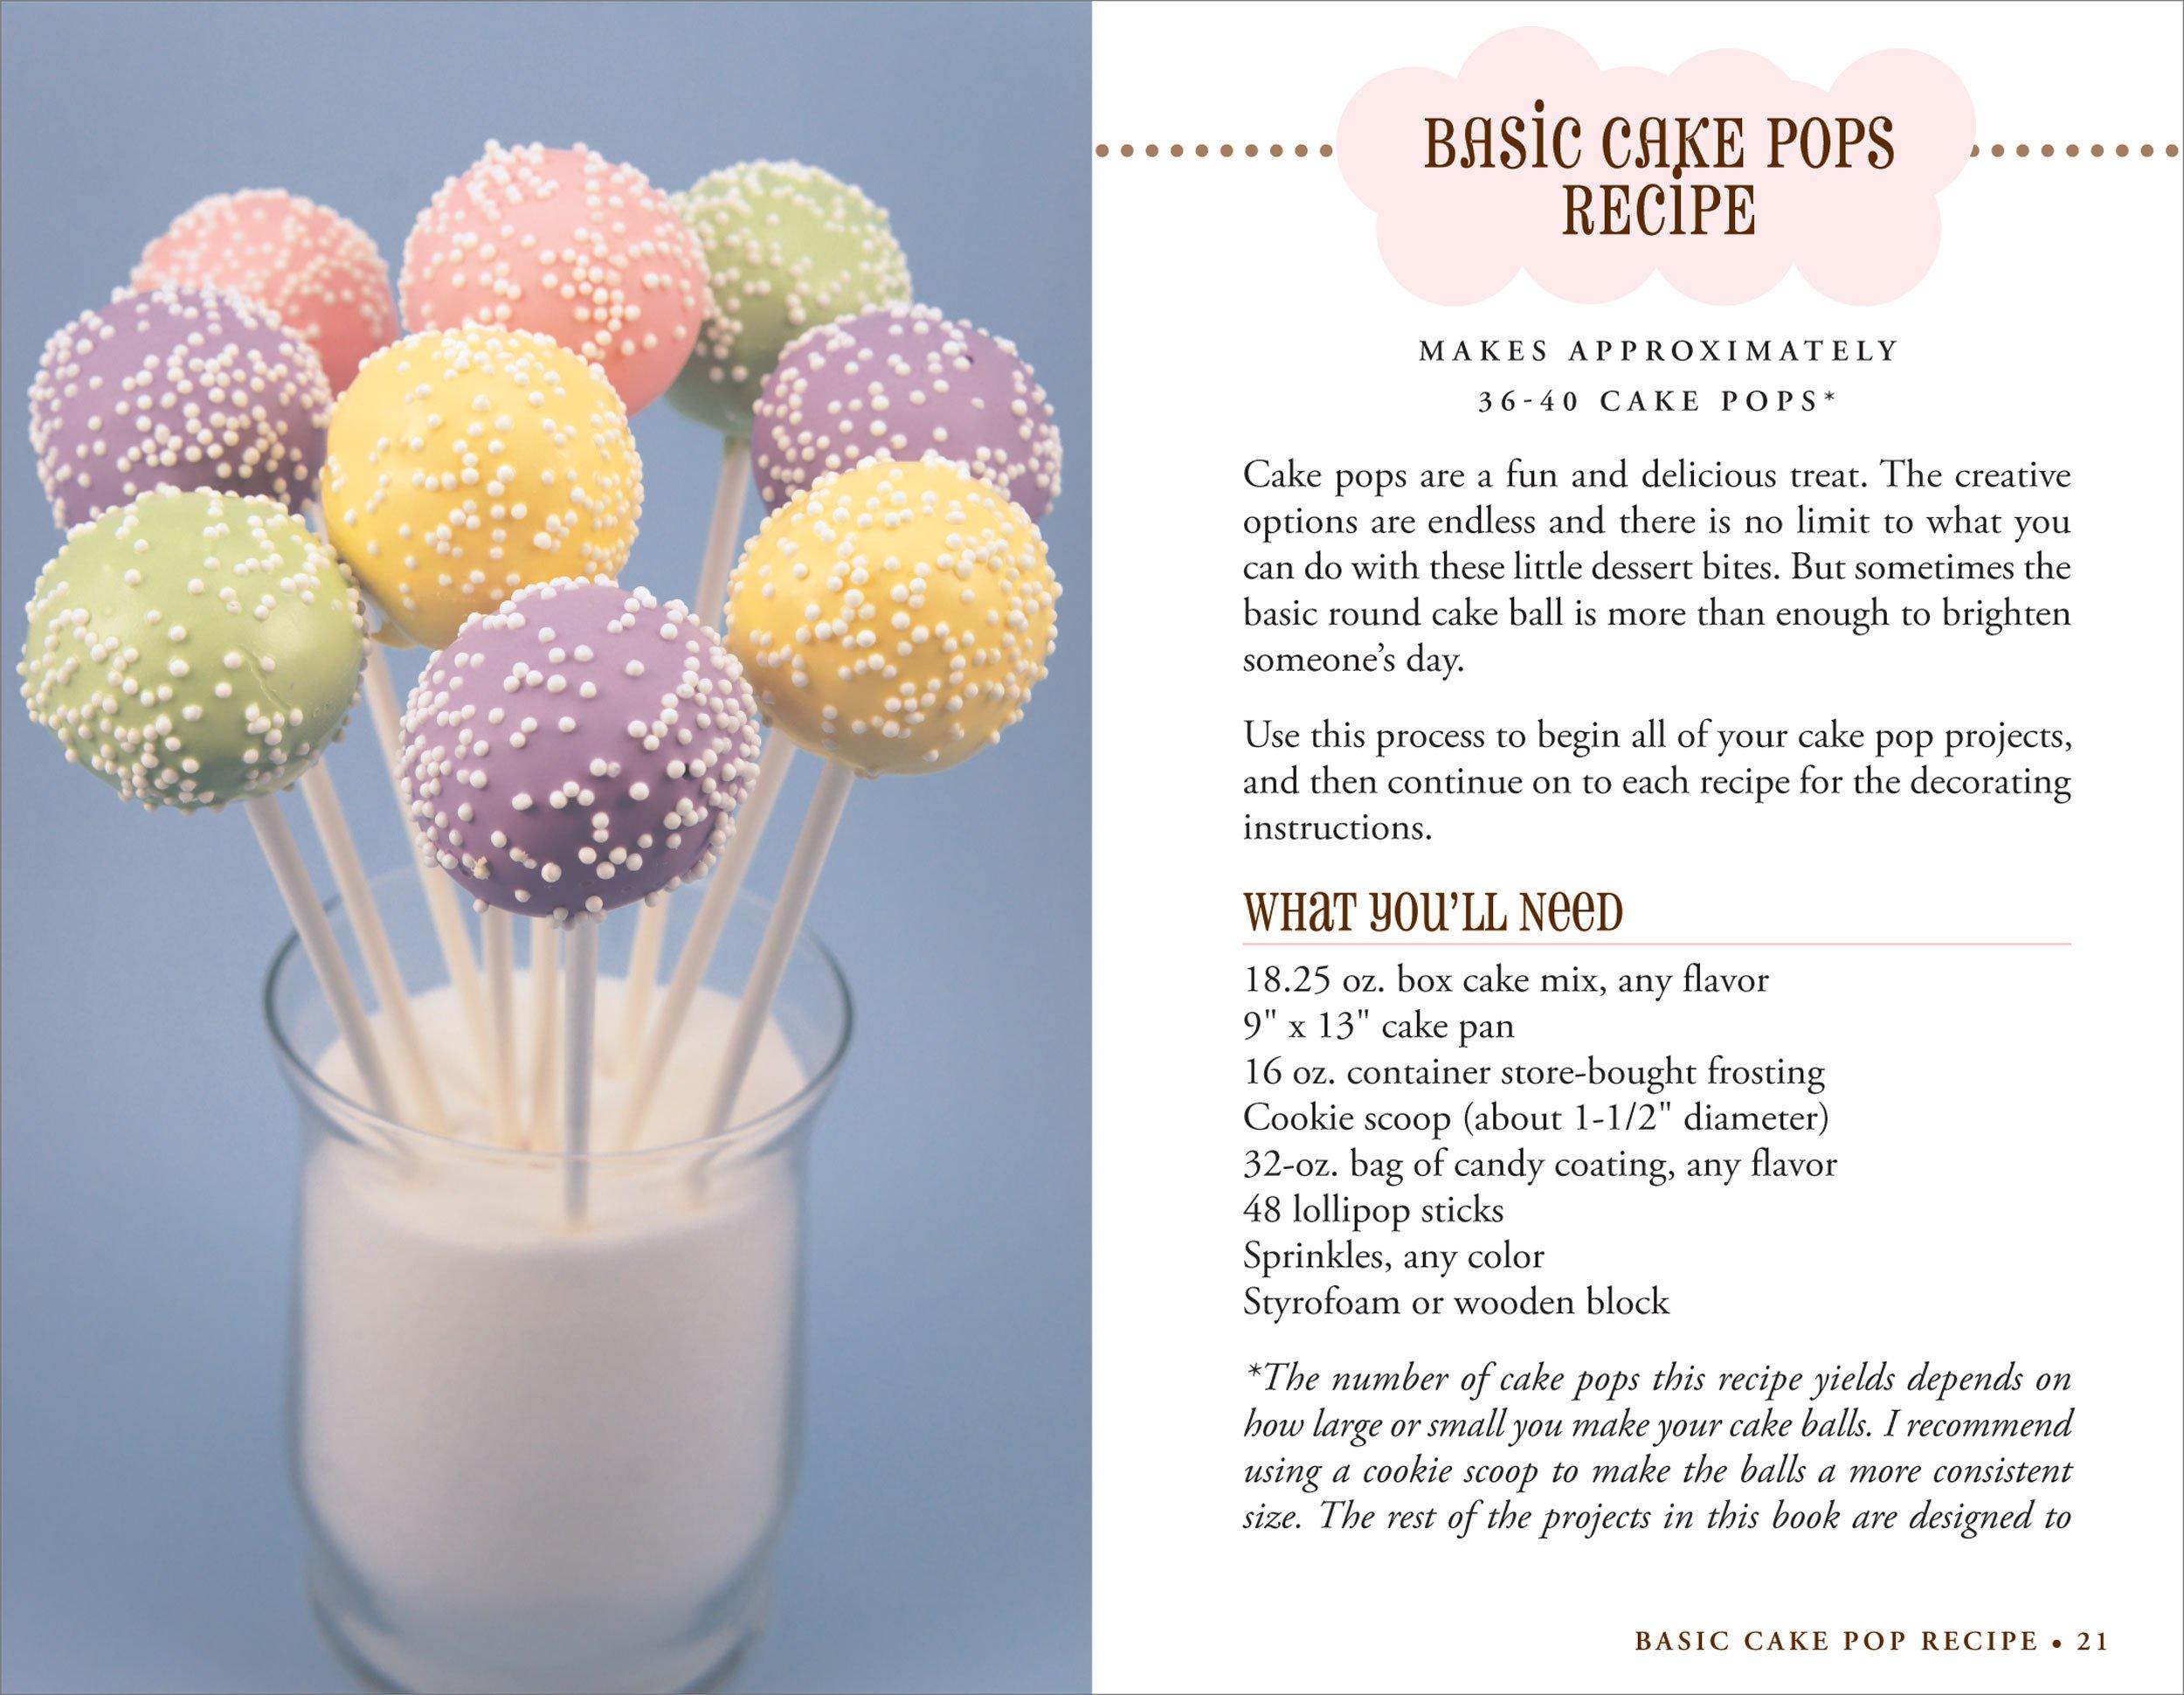 Cake bites recipe book